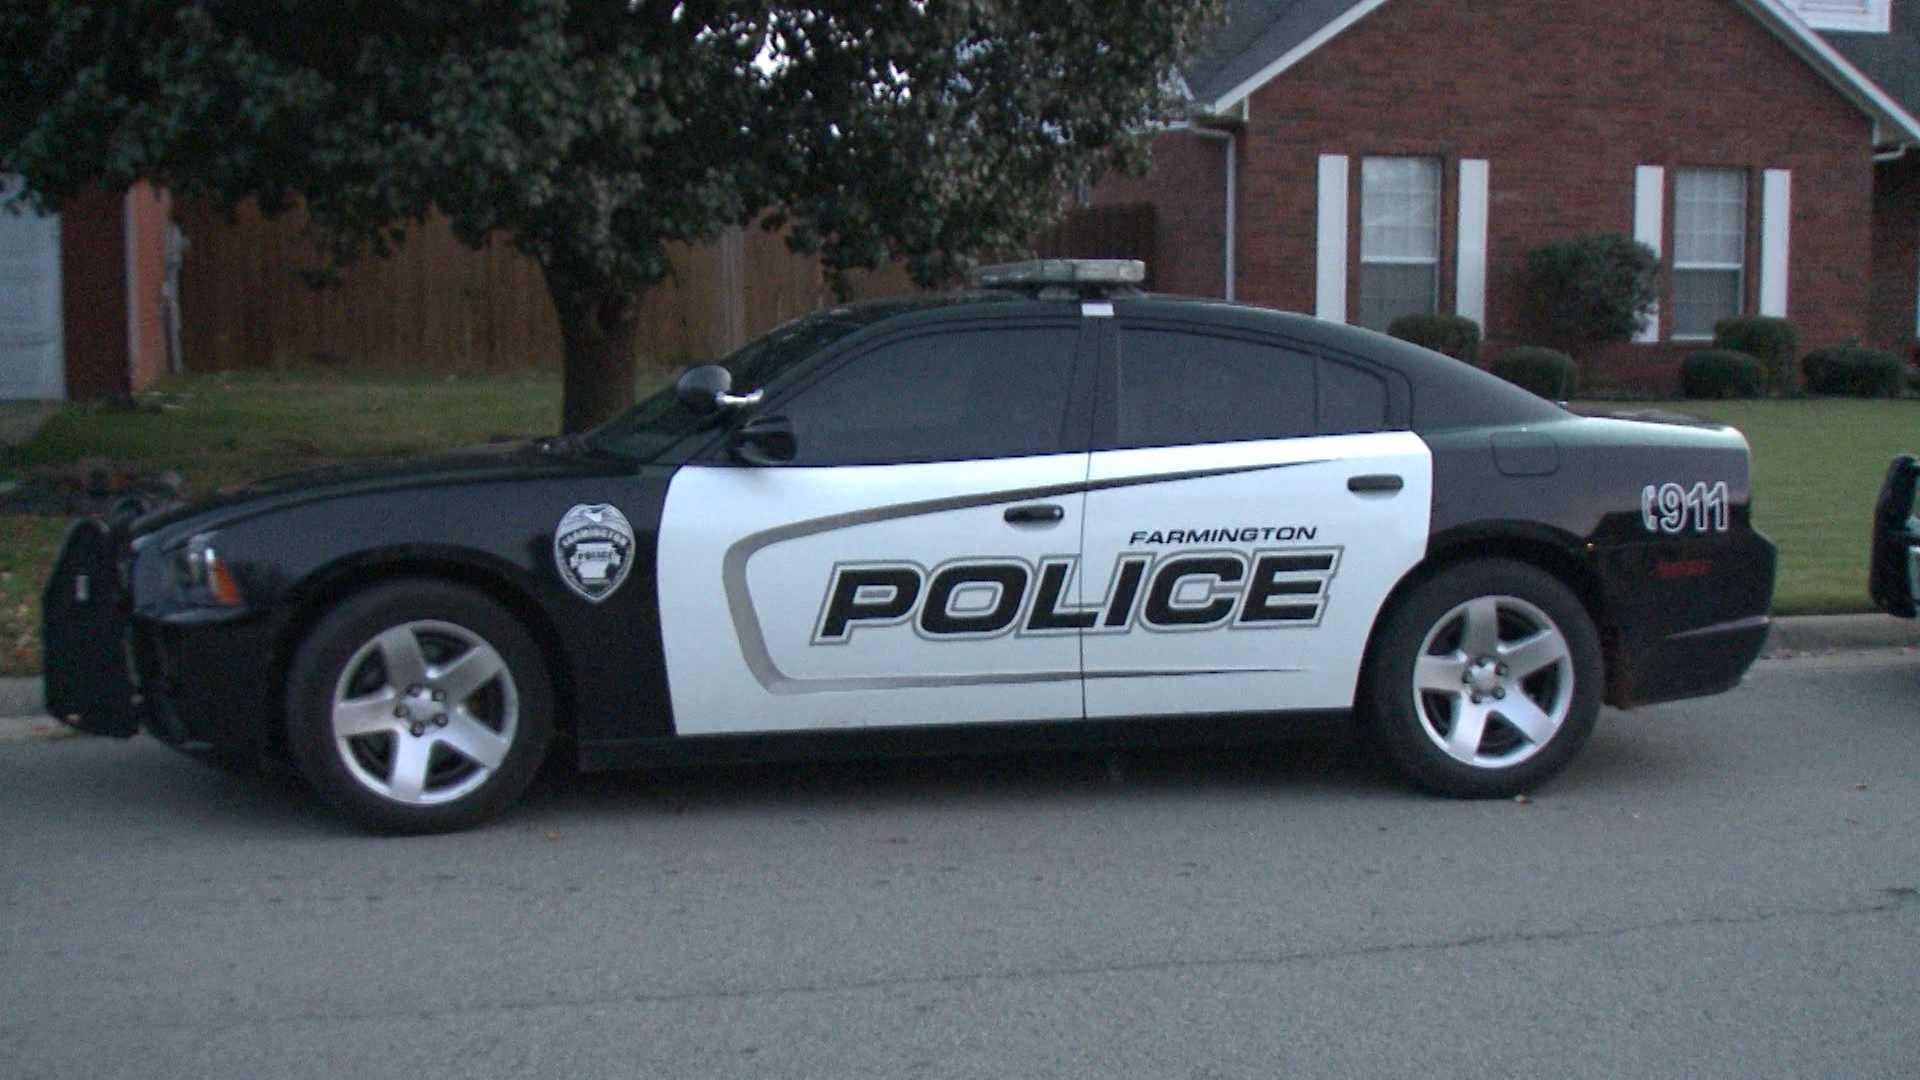 Farmington Police Department car